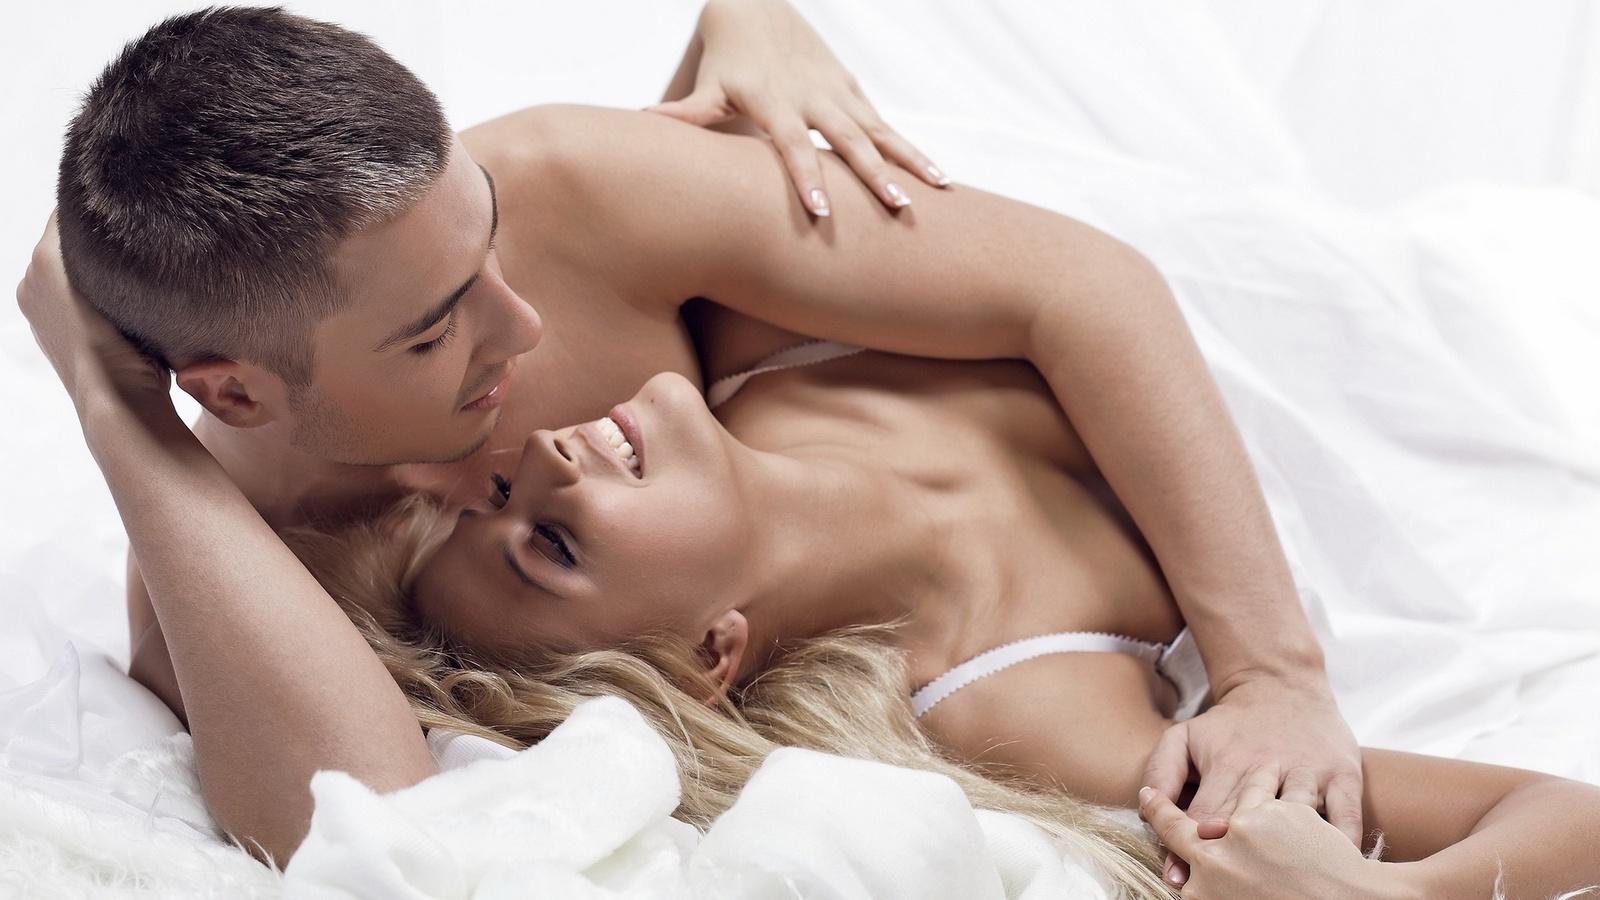 только что женщина с мужчиной в постели видео может быть нешуточной